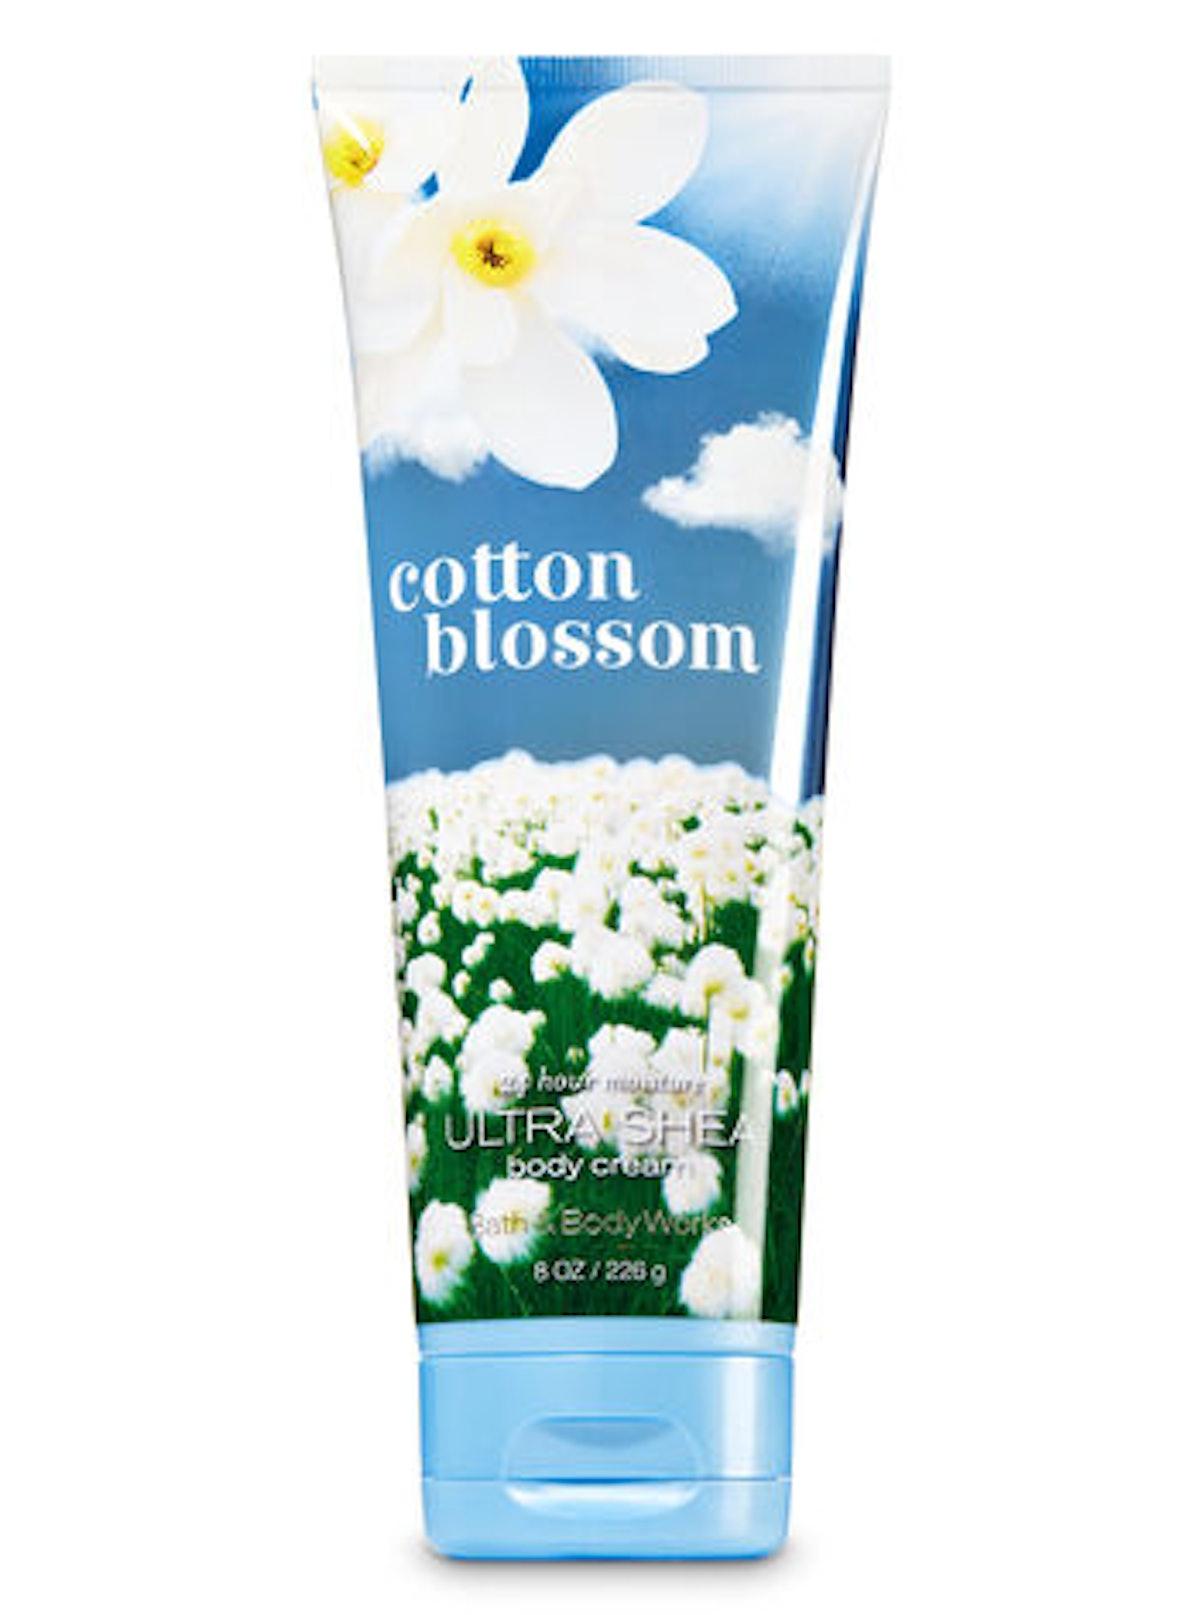 Cotton Blossom Ultra Shea Body Cream